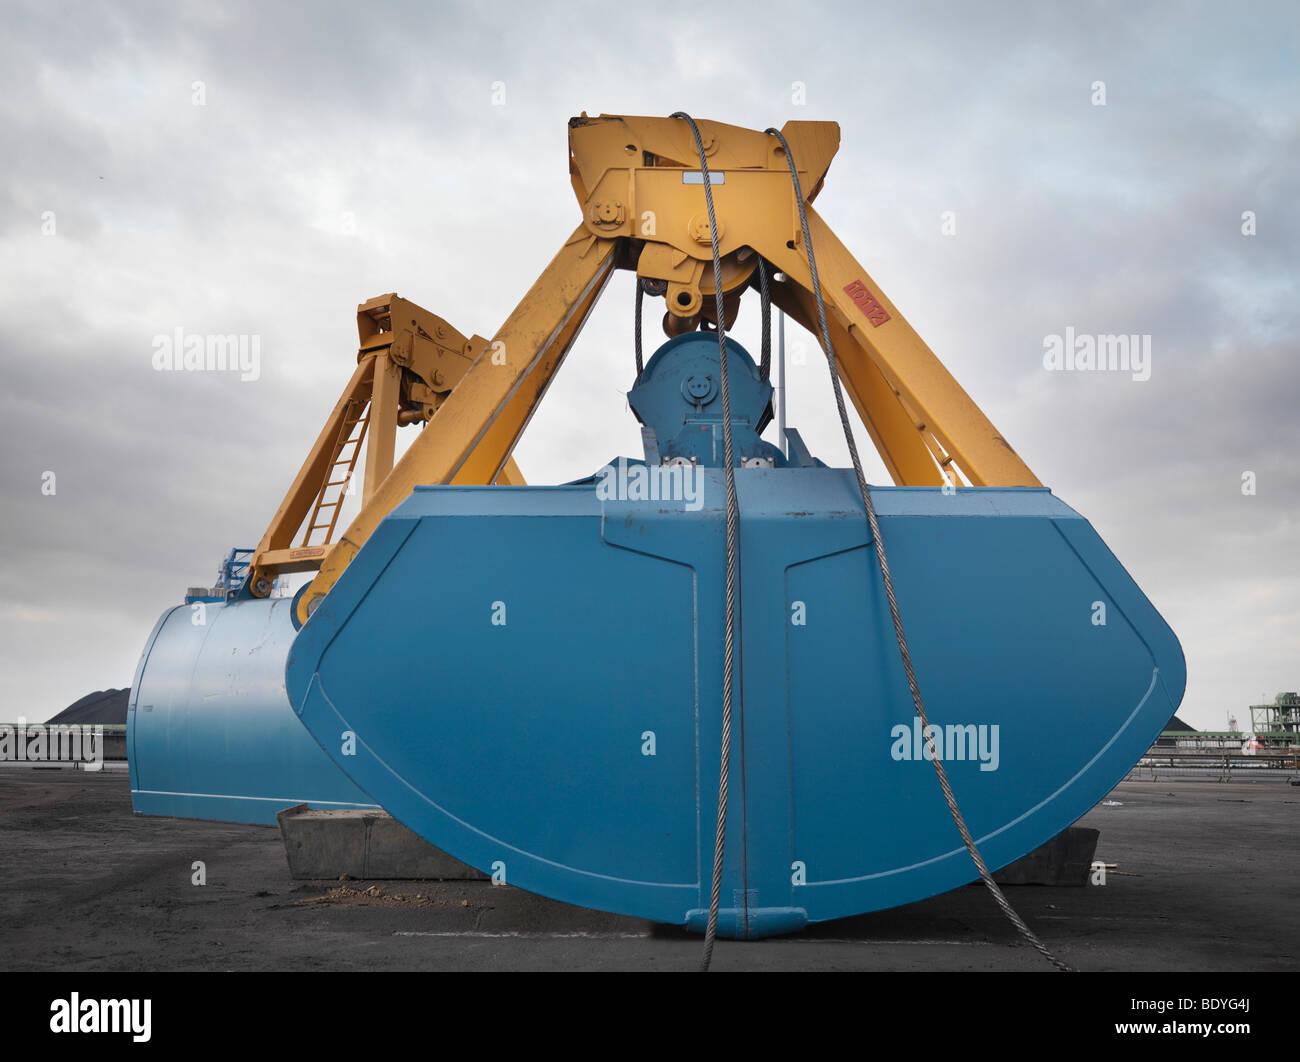 Crane Grab At Port - Stock Image